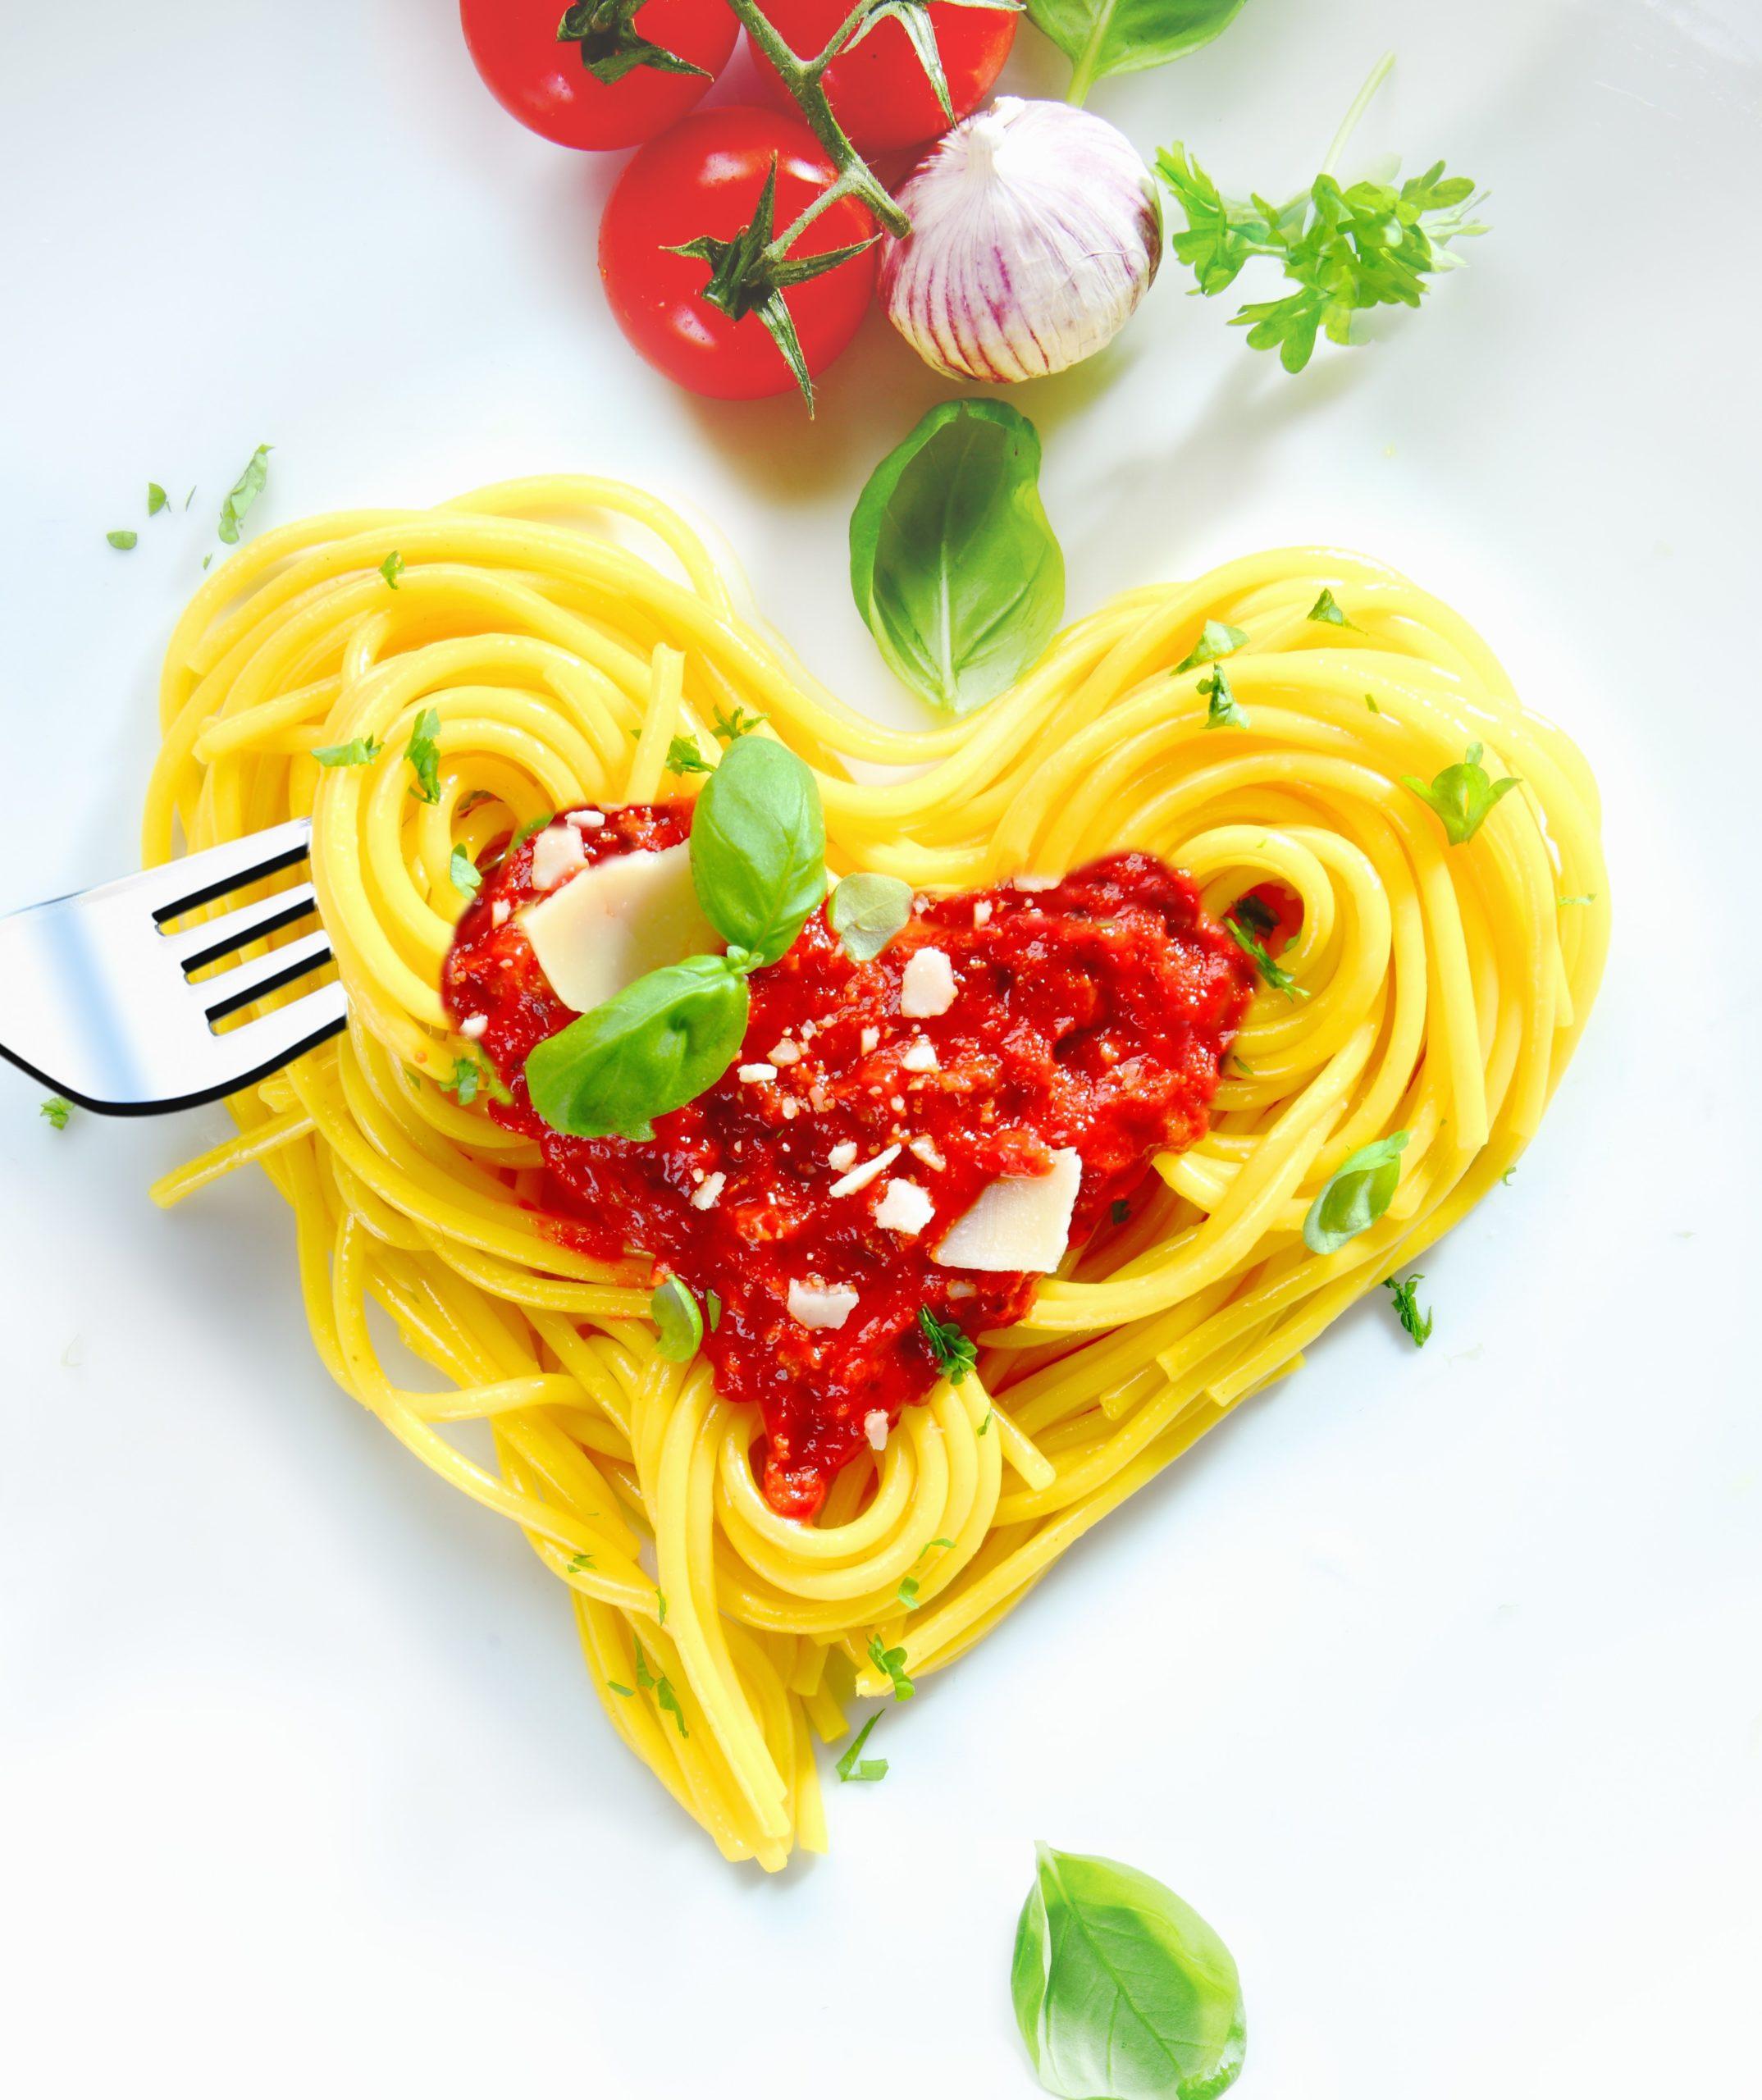 Repas romantique facile à preparer - spaghettis.